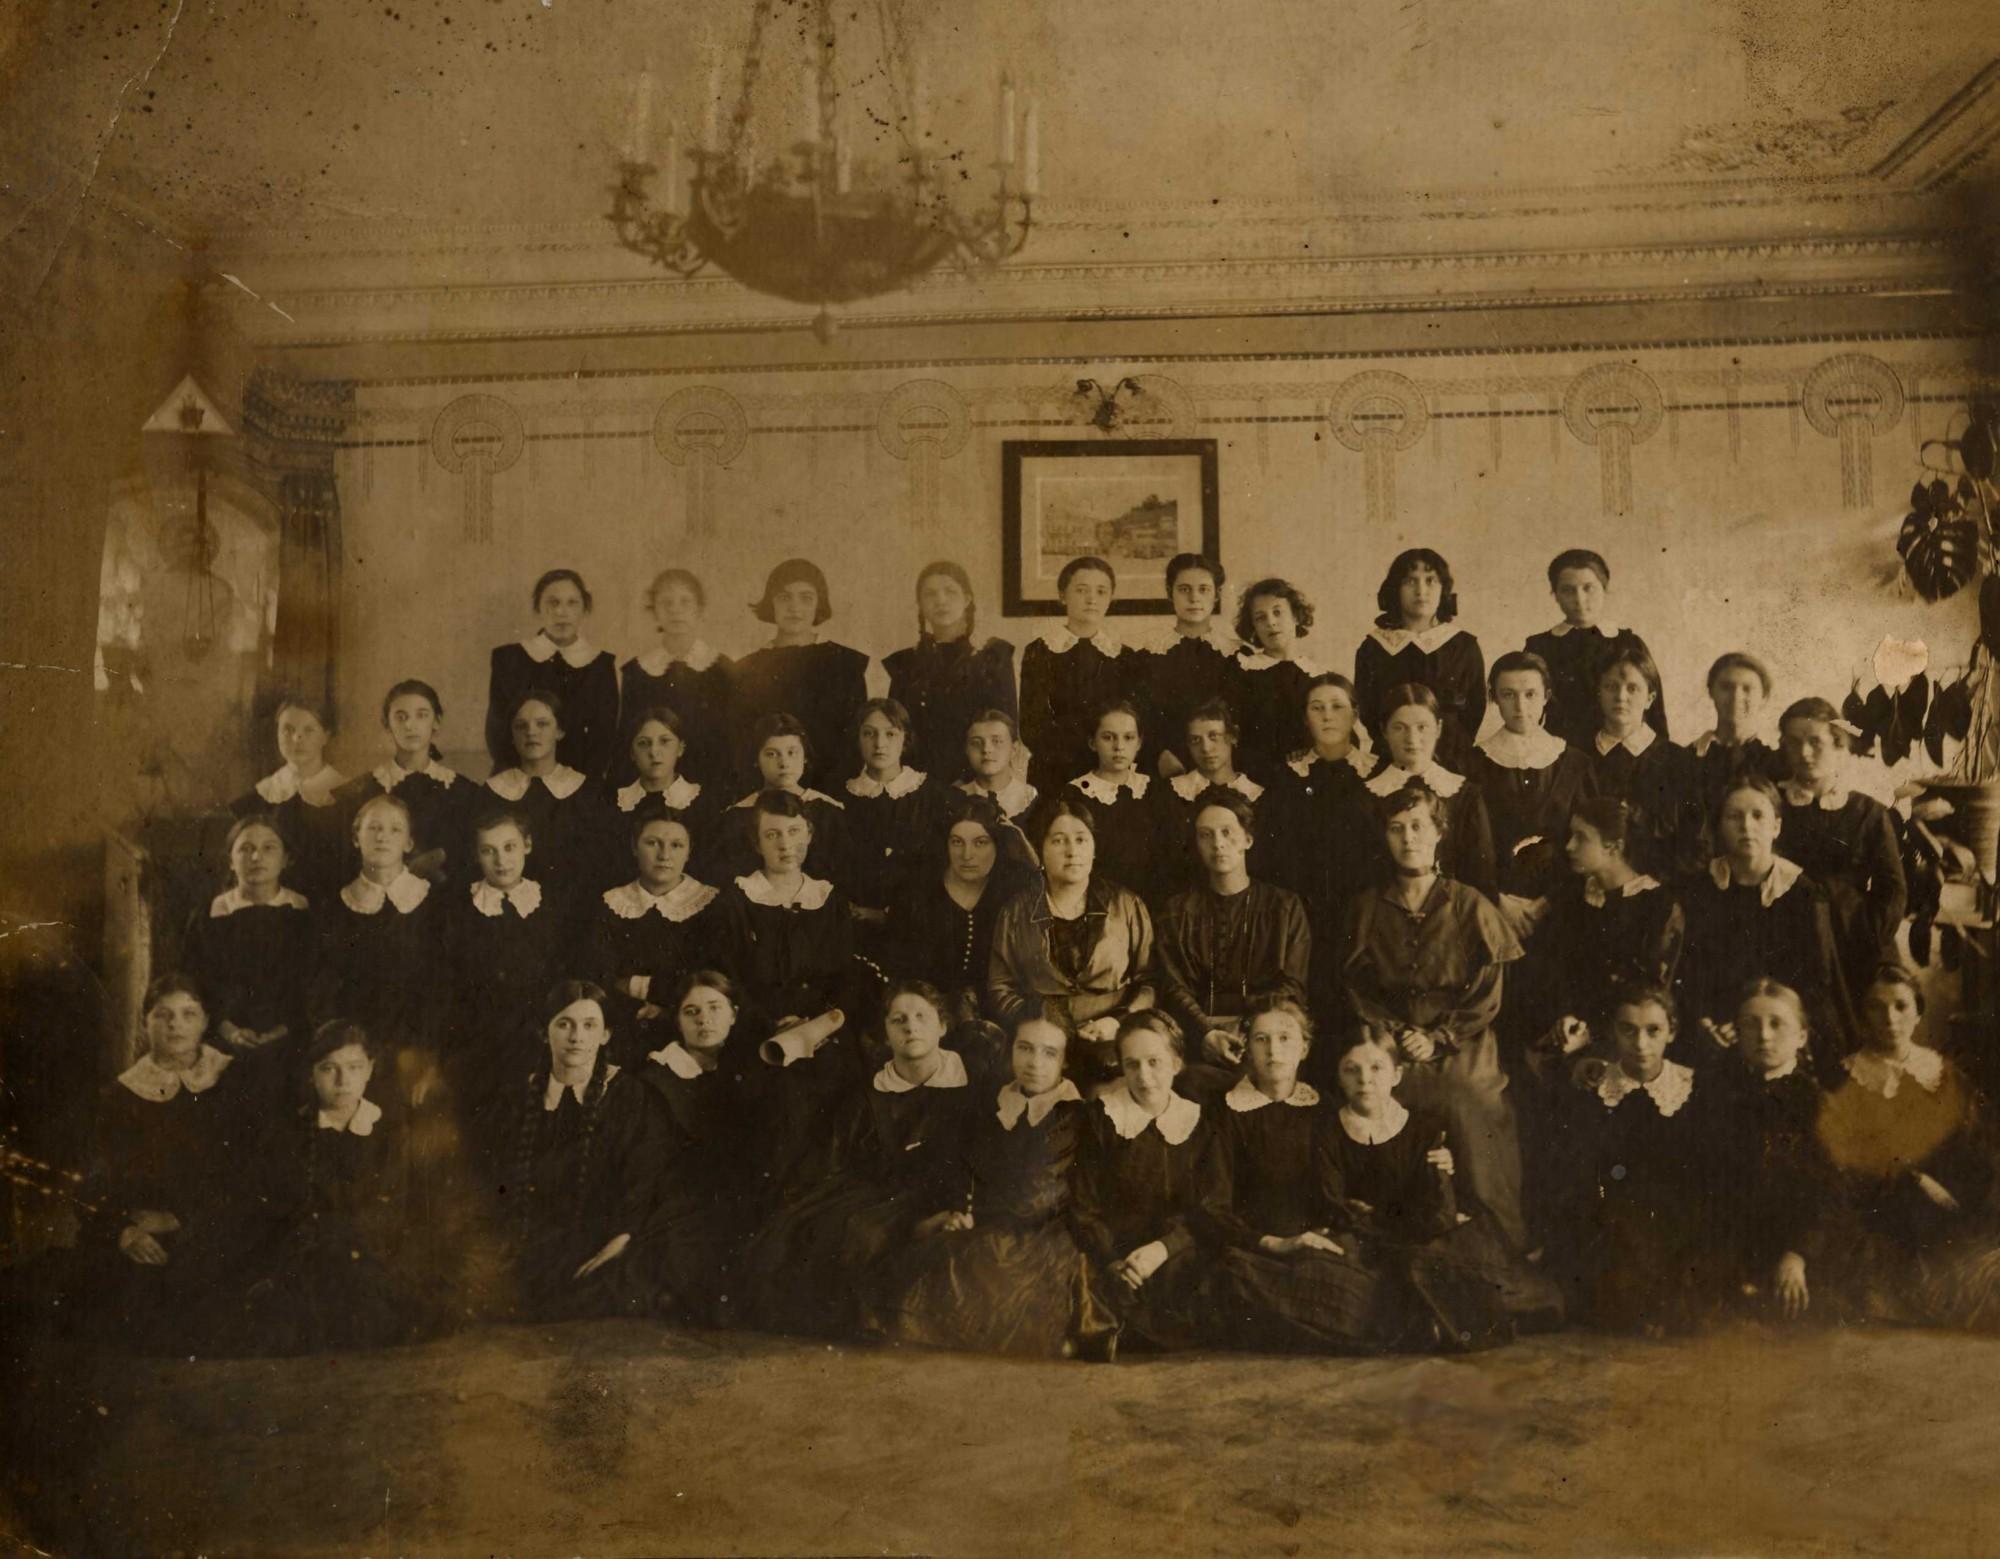 перечень гимназий киева 19 столетия нельзя есть